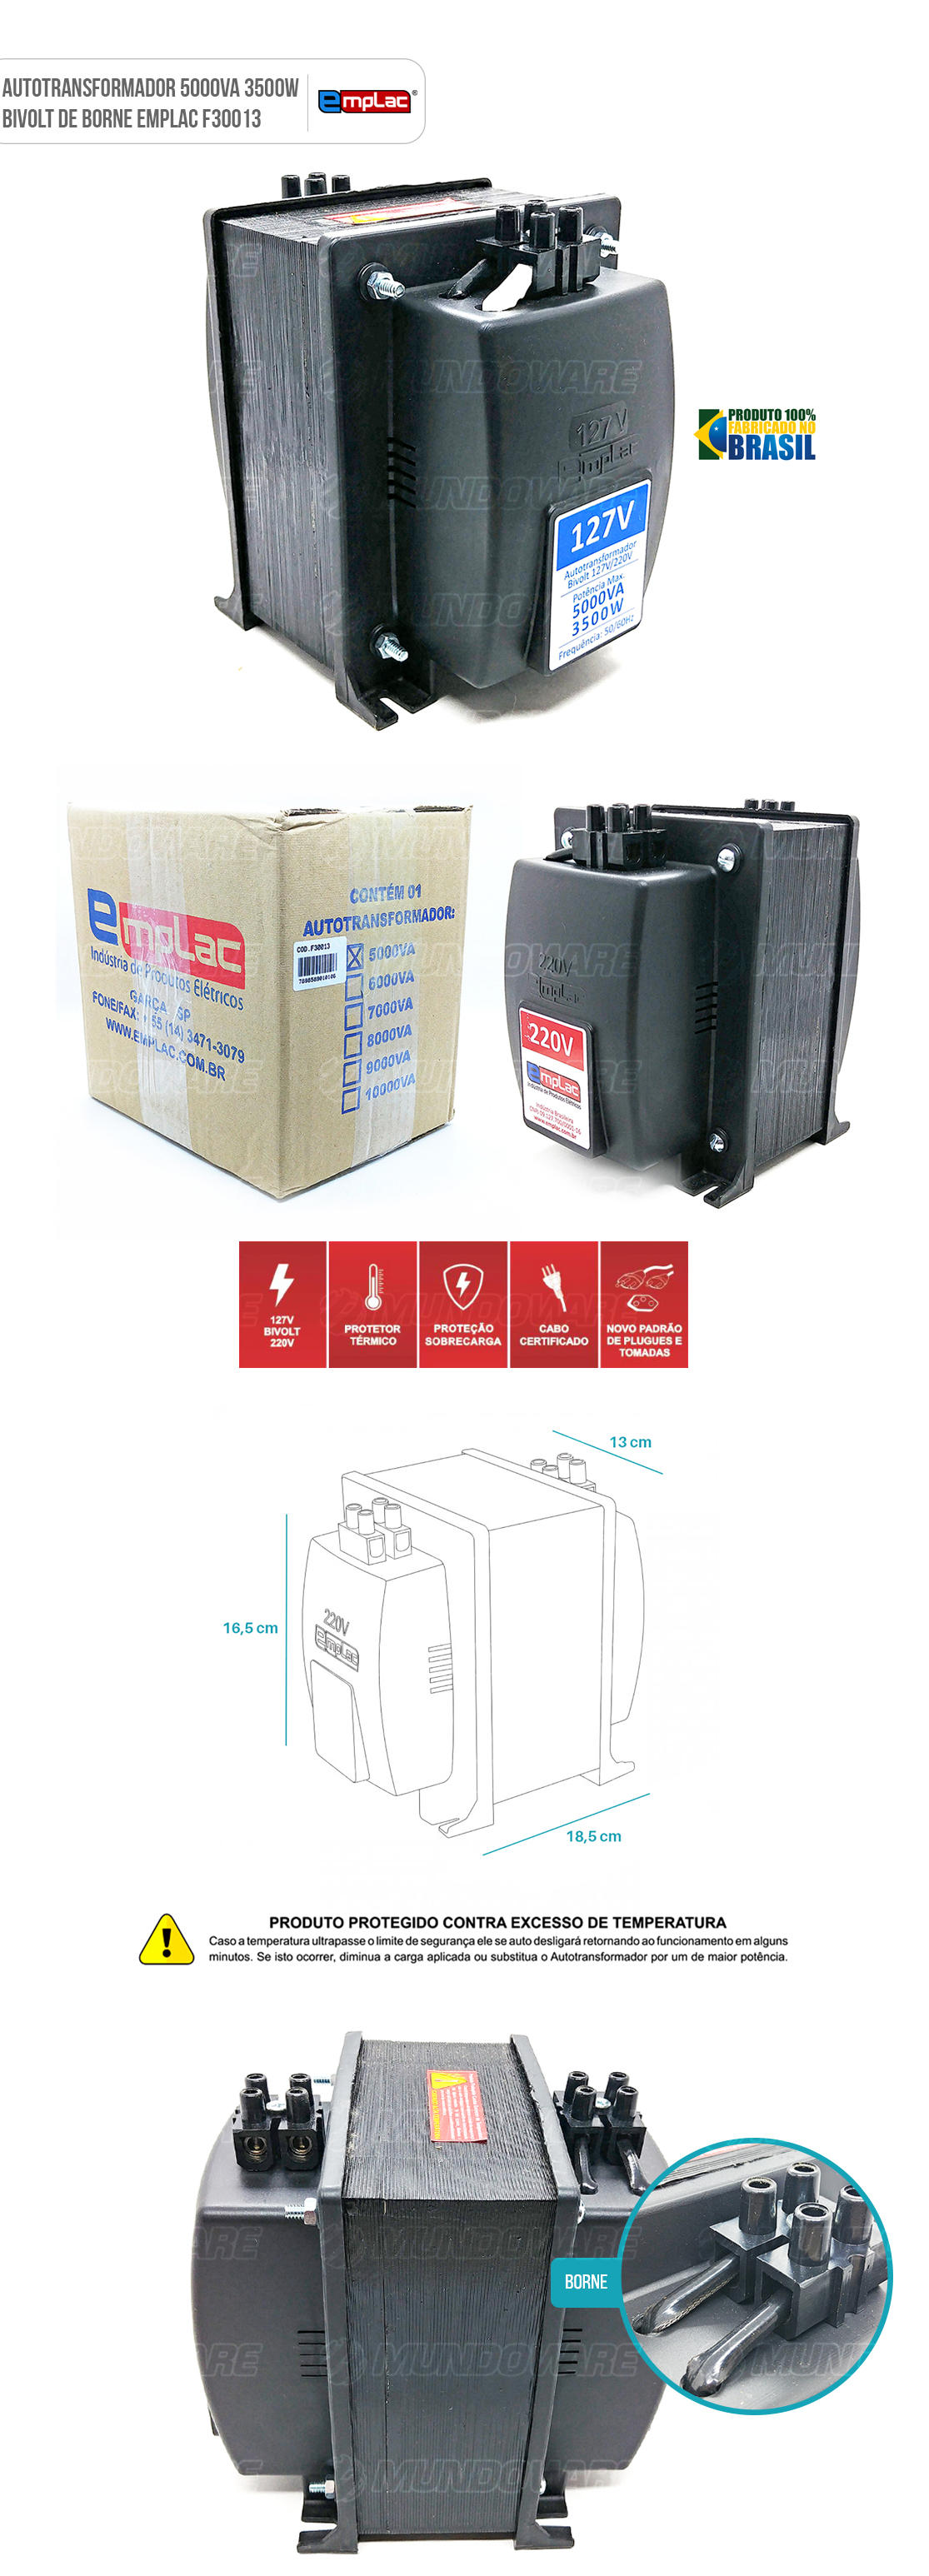 Auto transformador de barra de borne 5000VA 3500W Bivolt com Protetor Térmico e Proteção contra sobrecarga